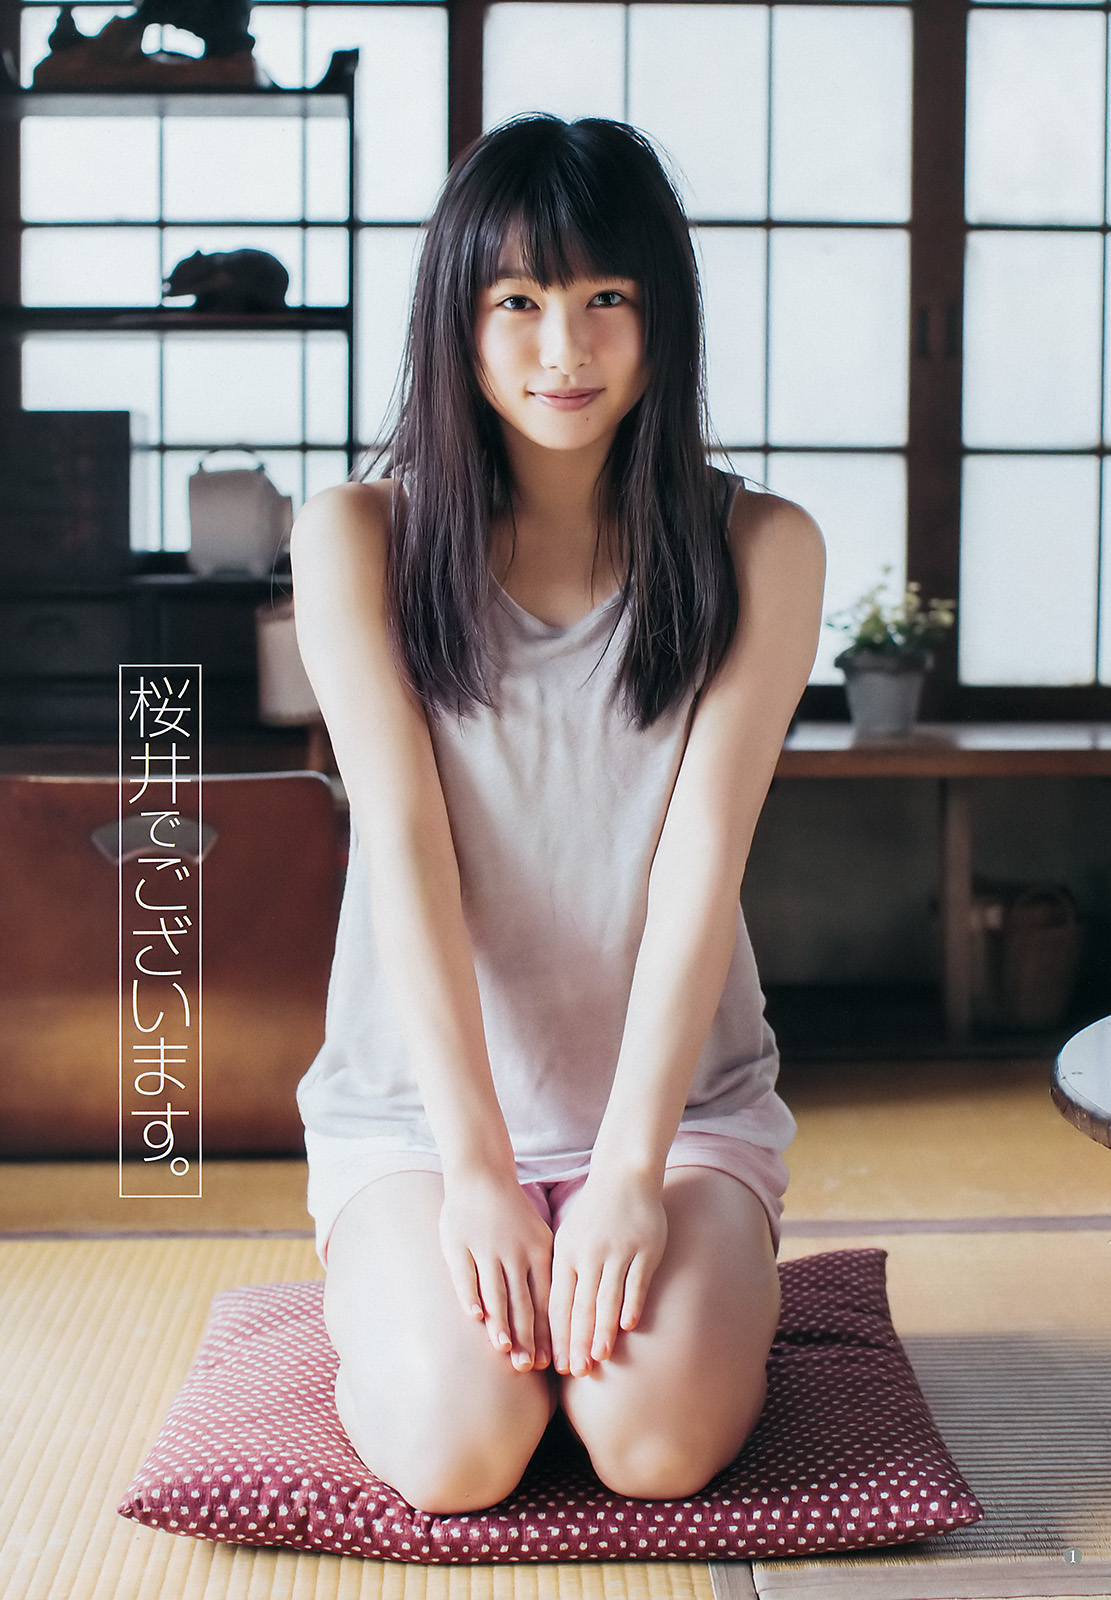 【画像】桜井日奈子ちゃんが最新グラビアで披露したムゥゥチムチの太ももwwww